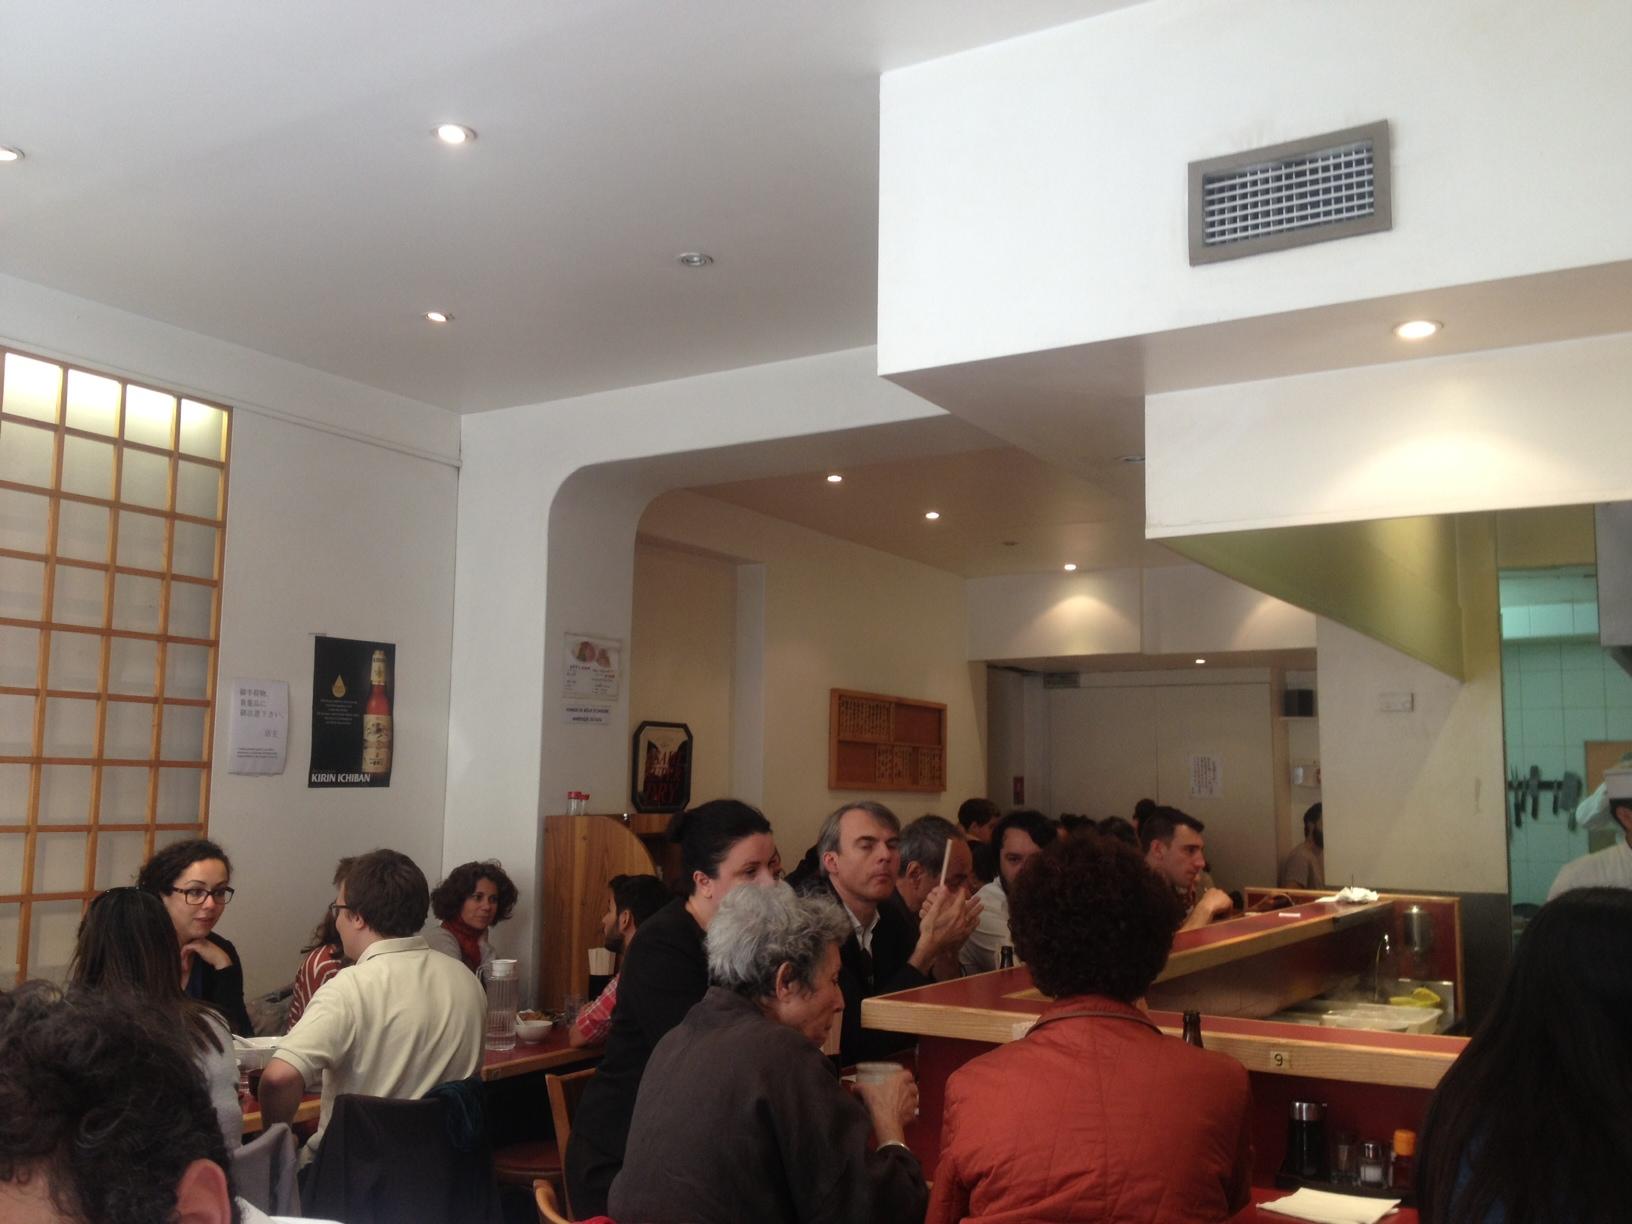 Paris Restaurant Japonais Sapporo